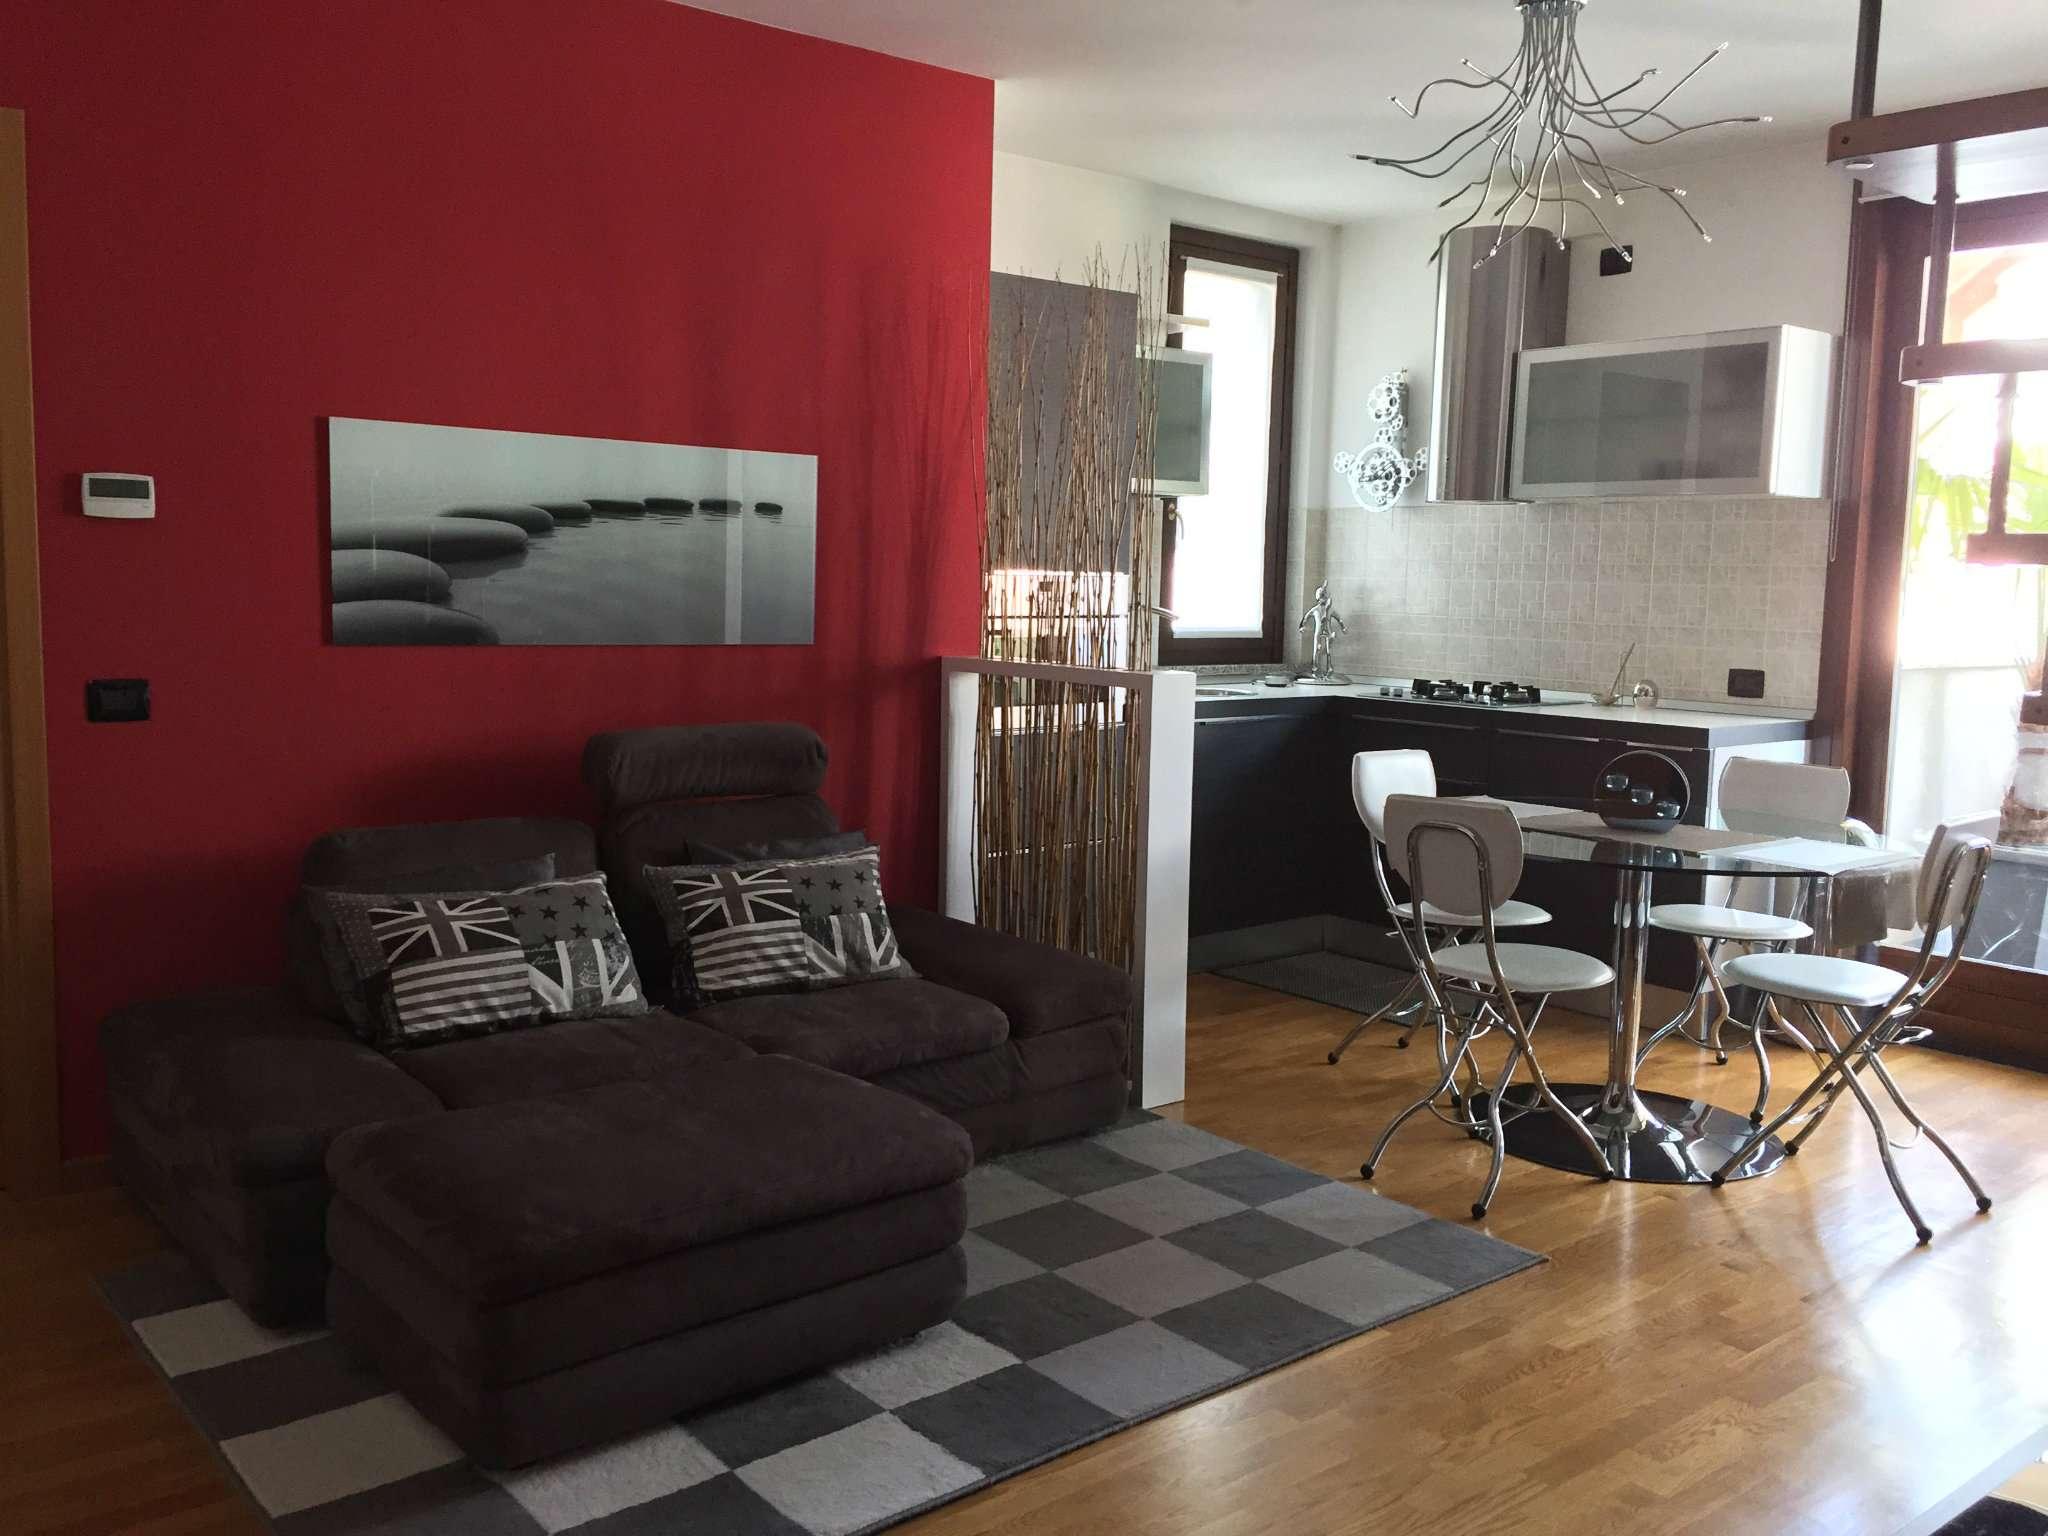 Appartamento in vendita a Treviglio, 2 locali, prezzo € 140.000 | Cambio Casa.it